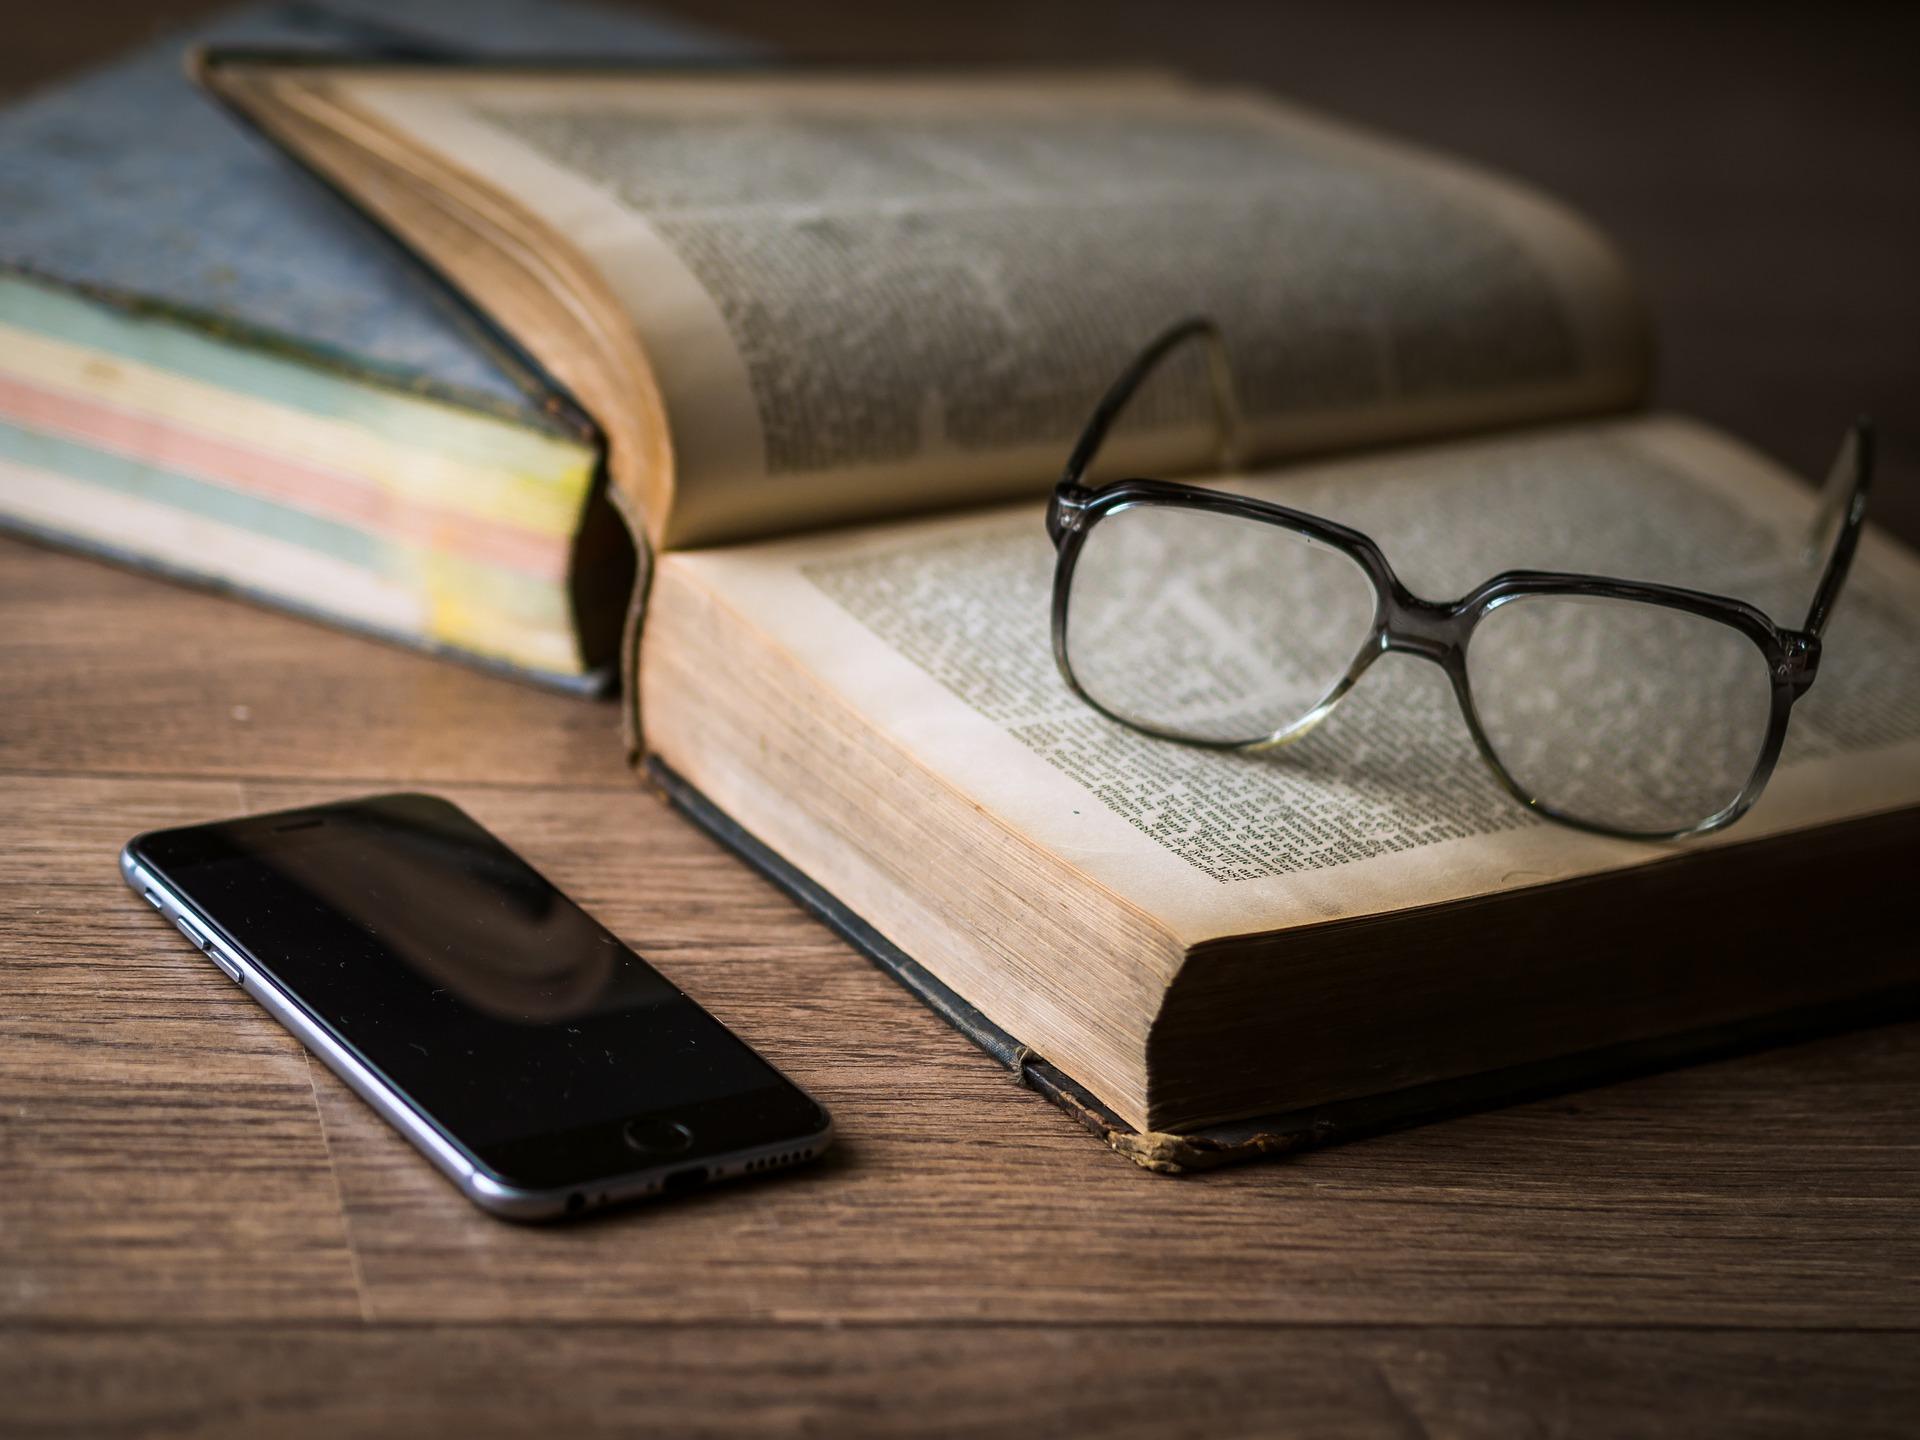 un libro, unas gafas